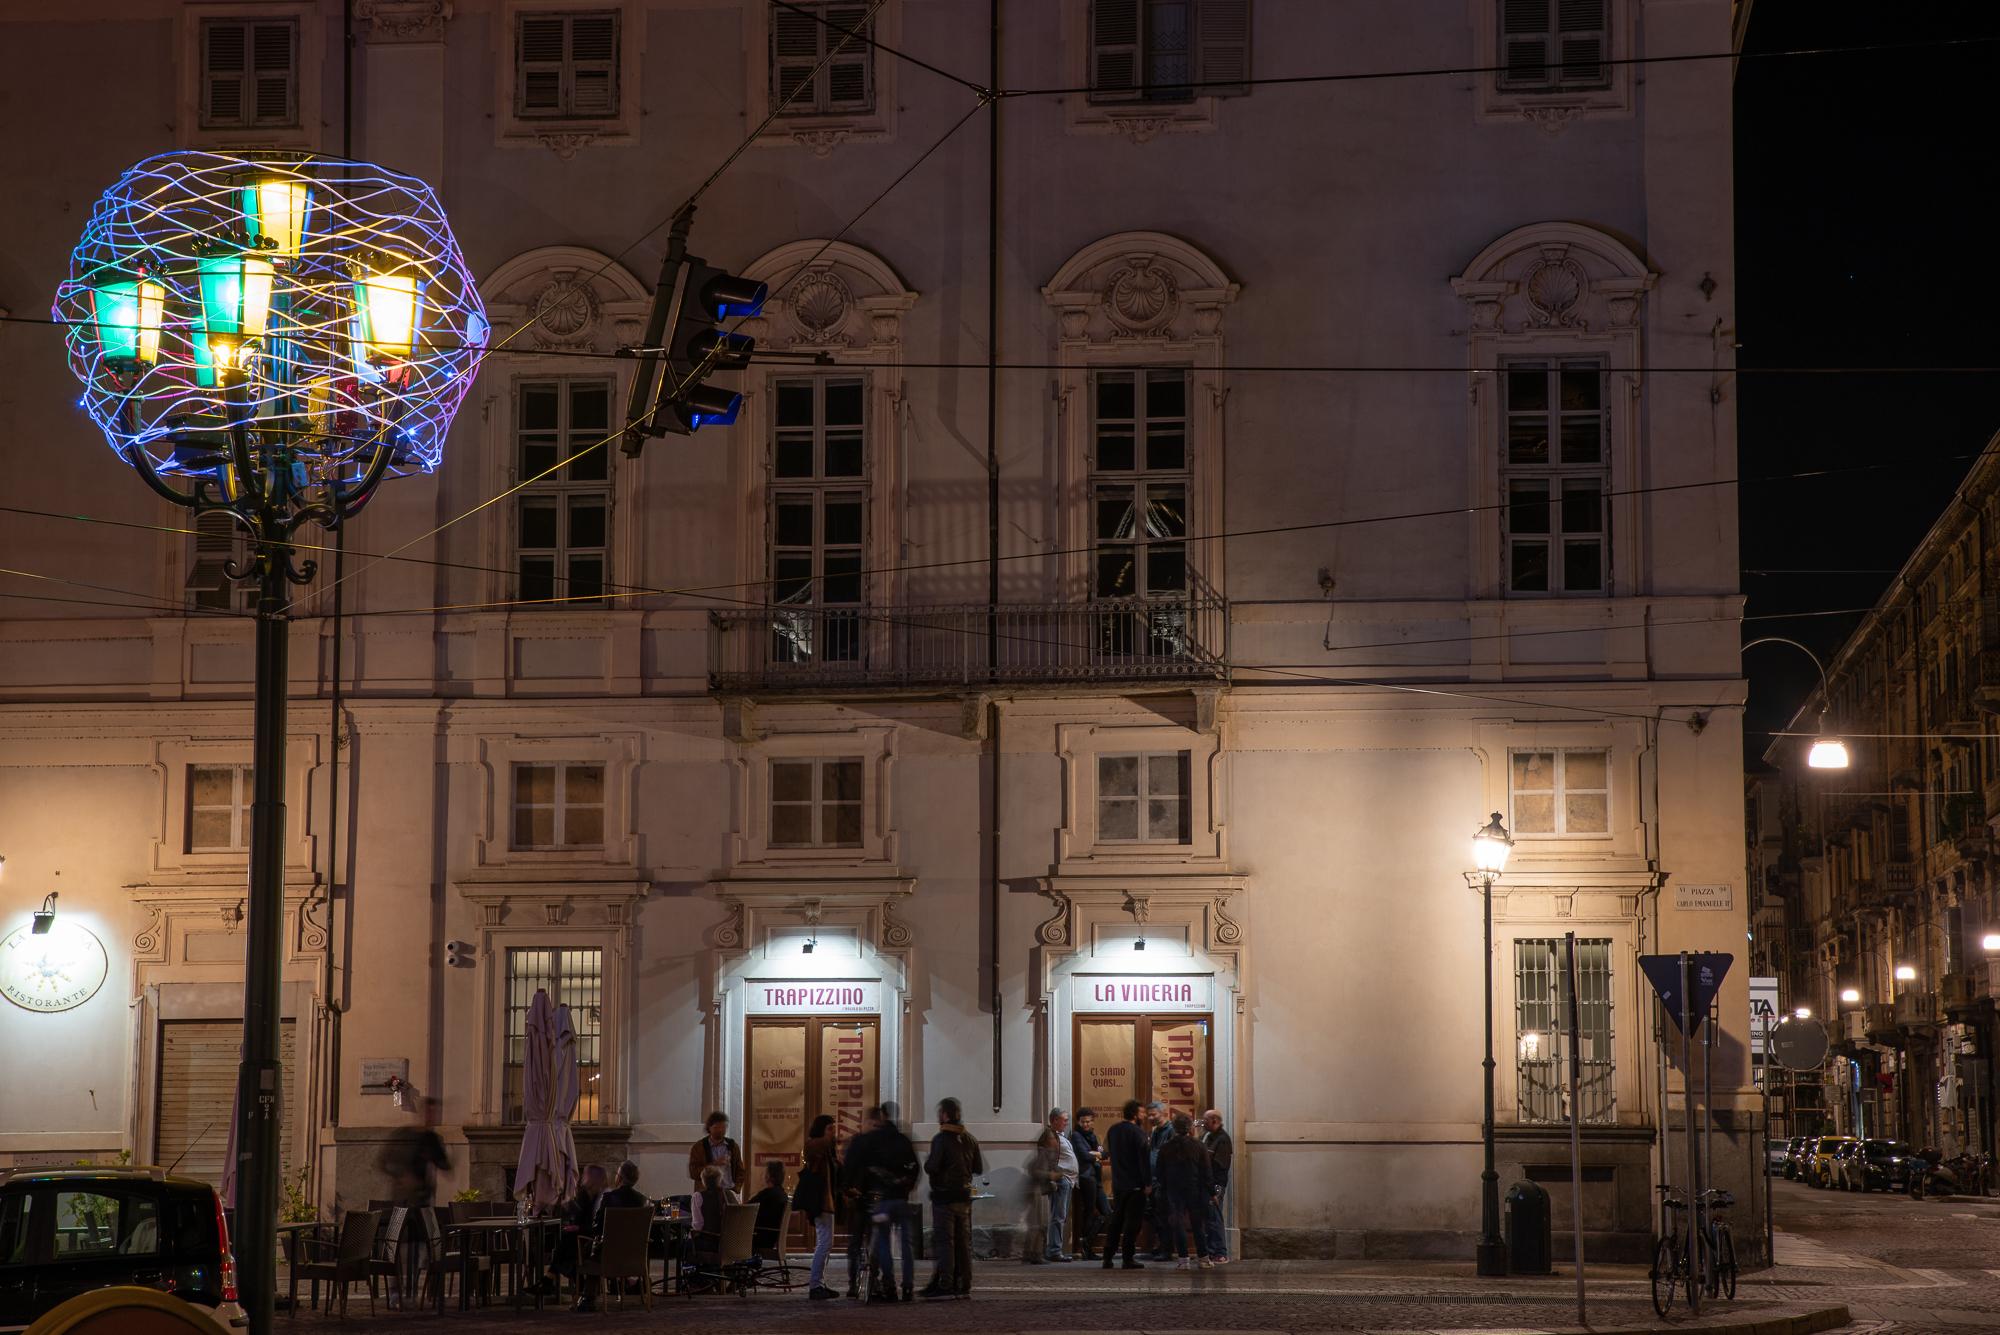 Trapizzino Torino Piazza Carlina (1)